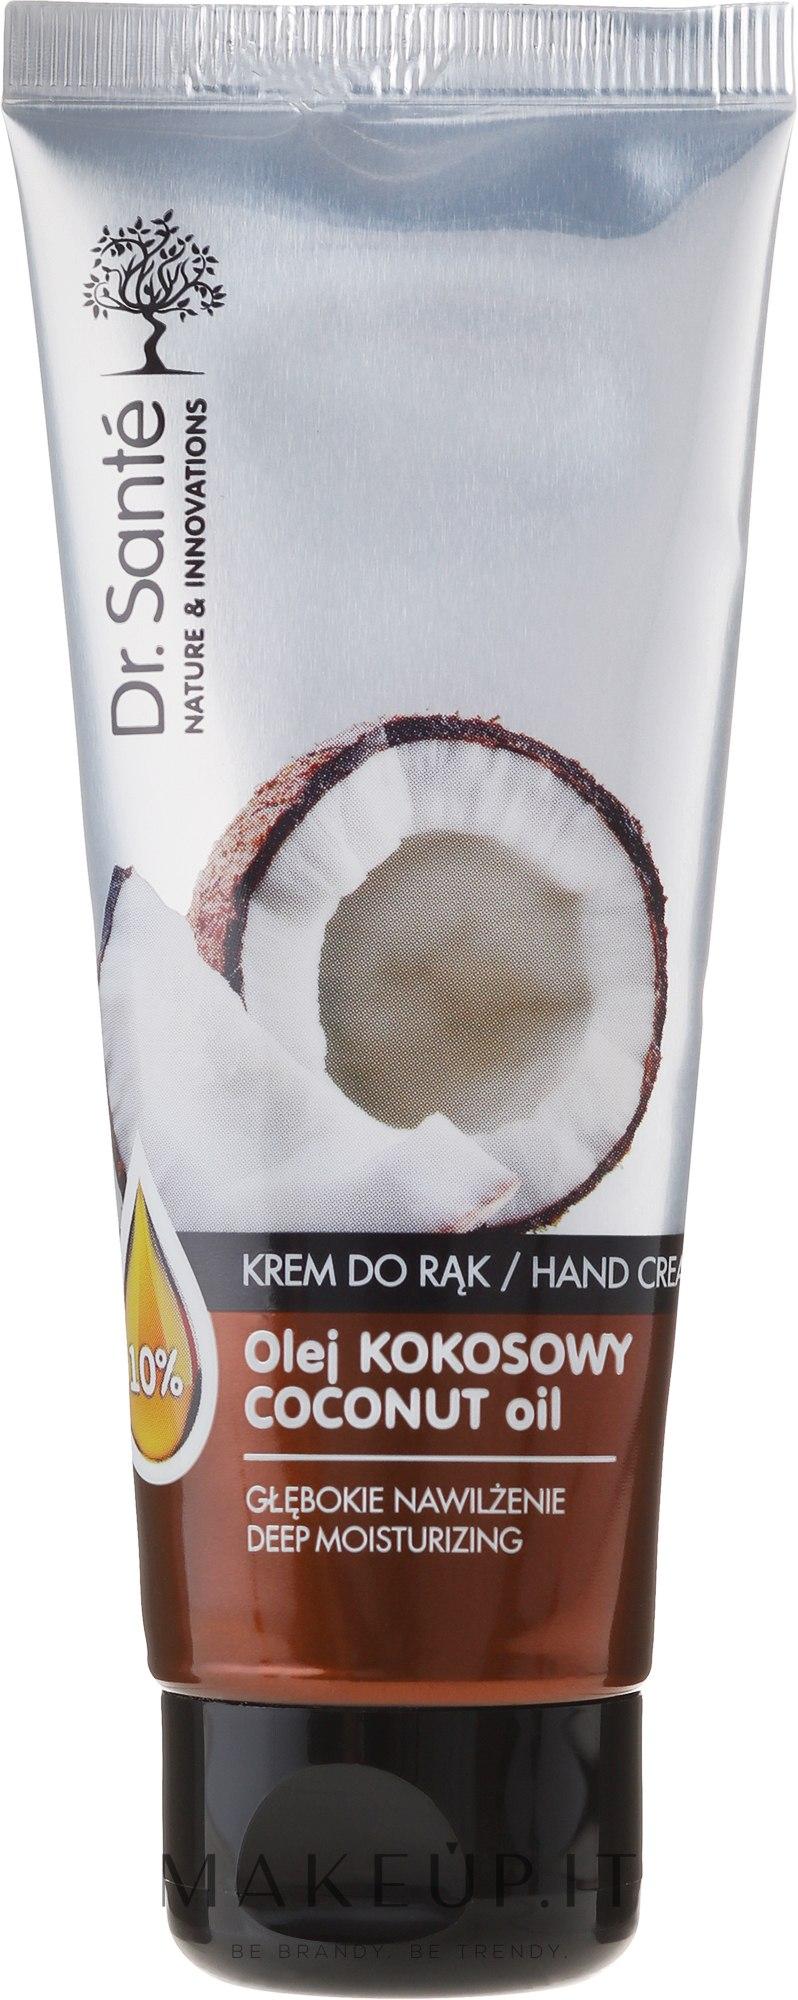 Crema mani idratante - Dr. Sante Hand Cream Coconut Oil — foto 75 ml